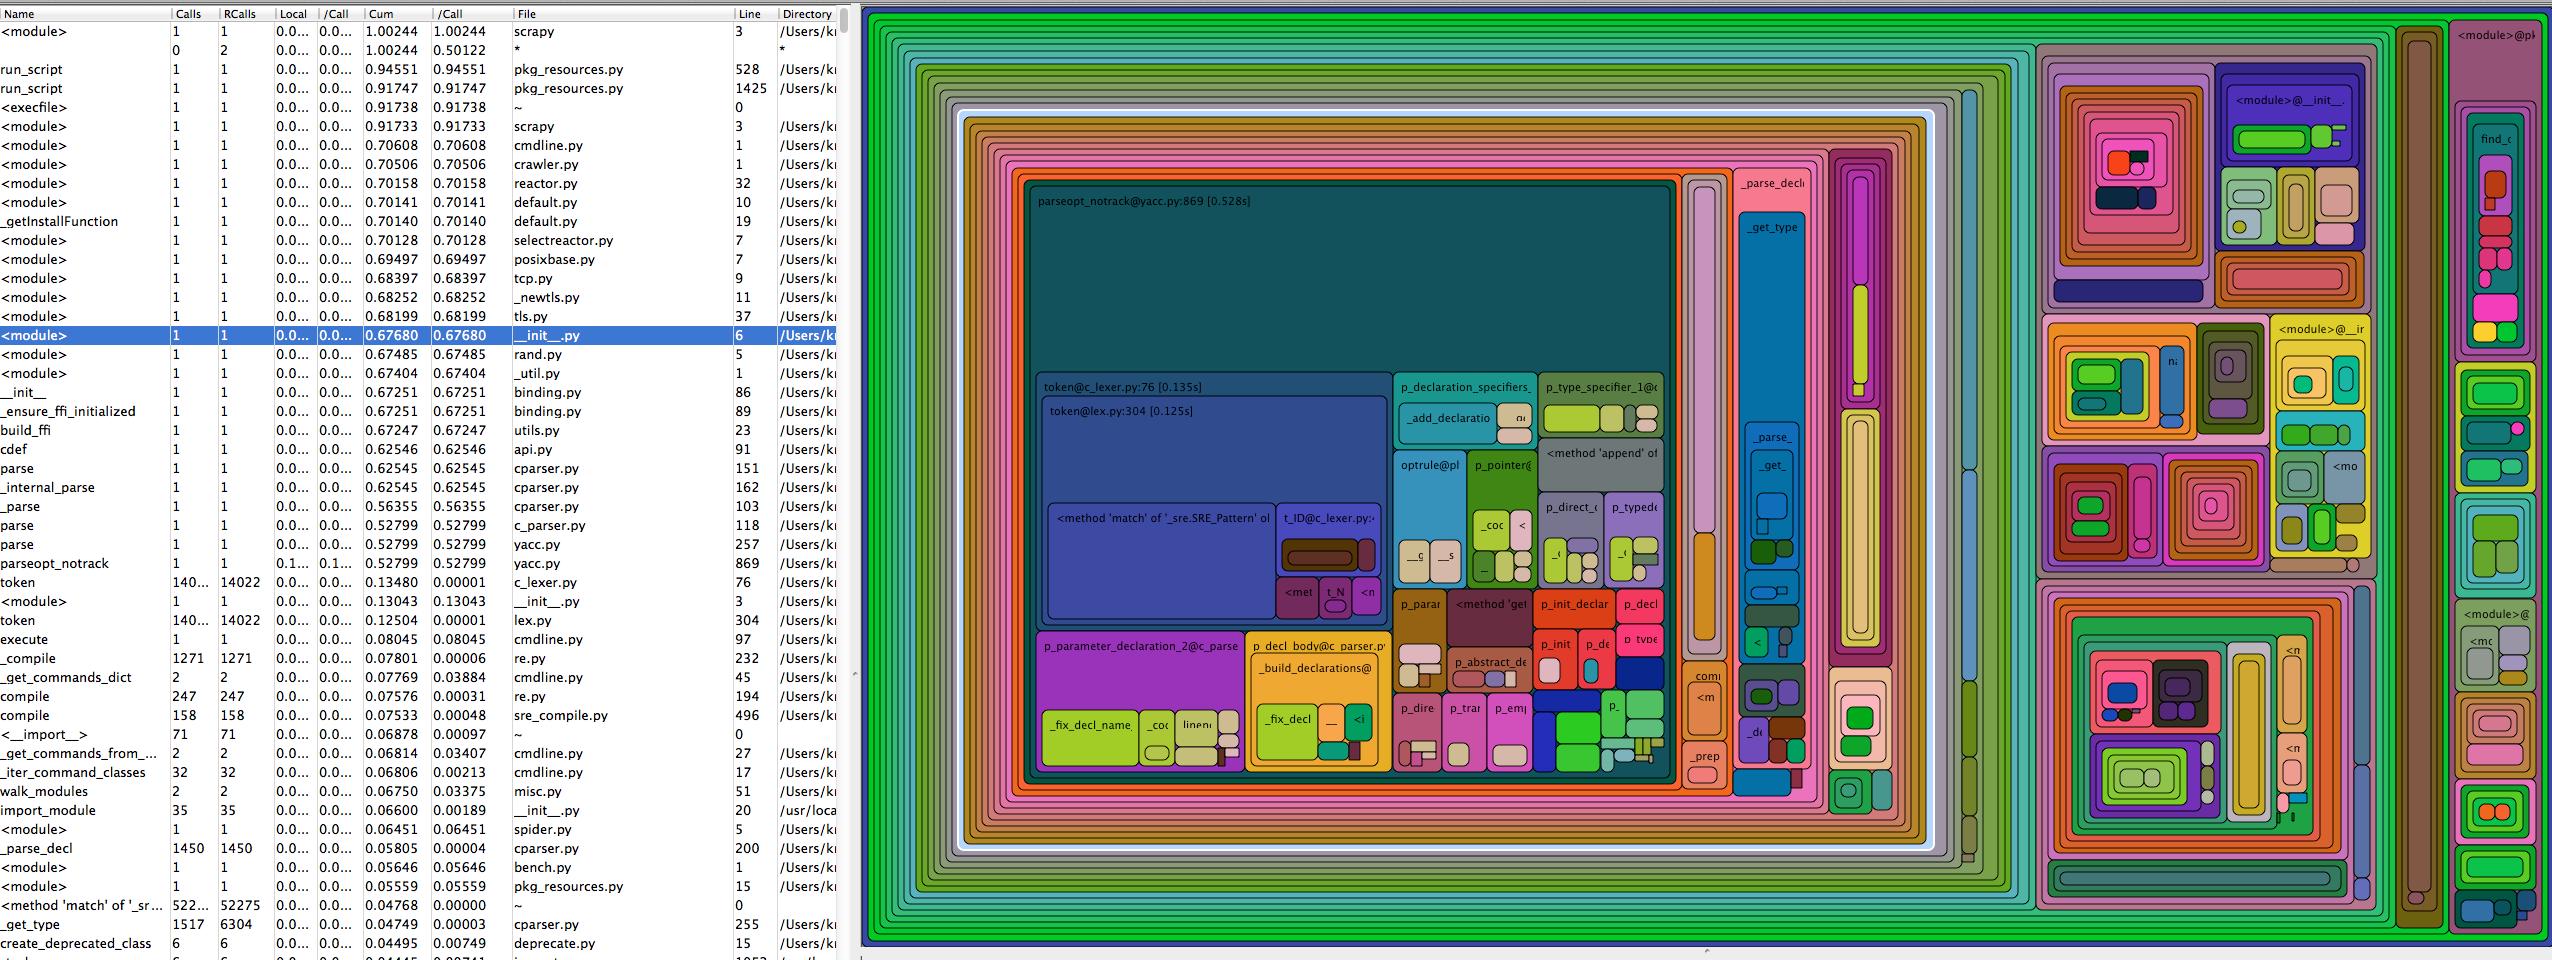 screen shot 2014-07-03 at 5 02 30 pm